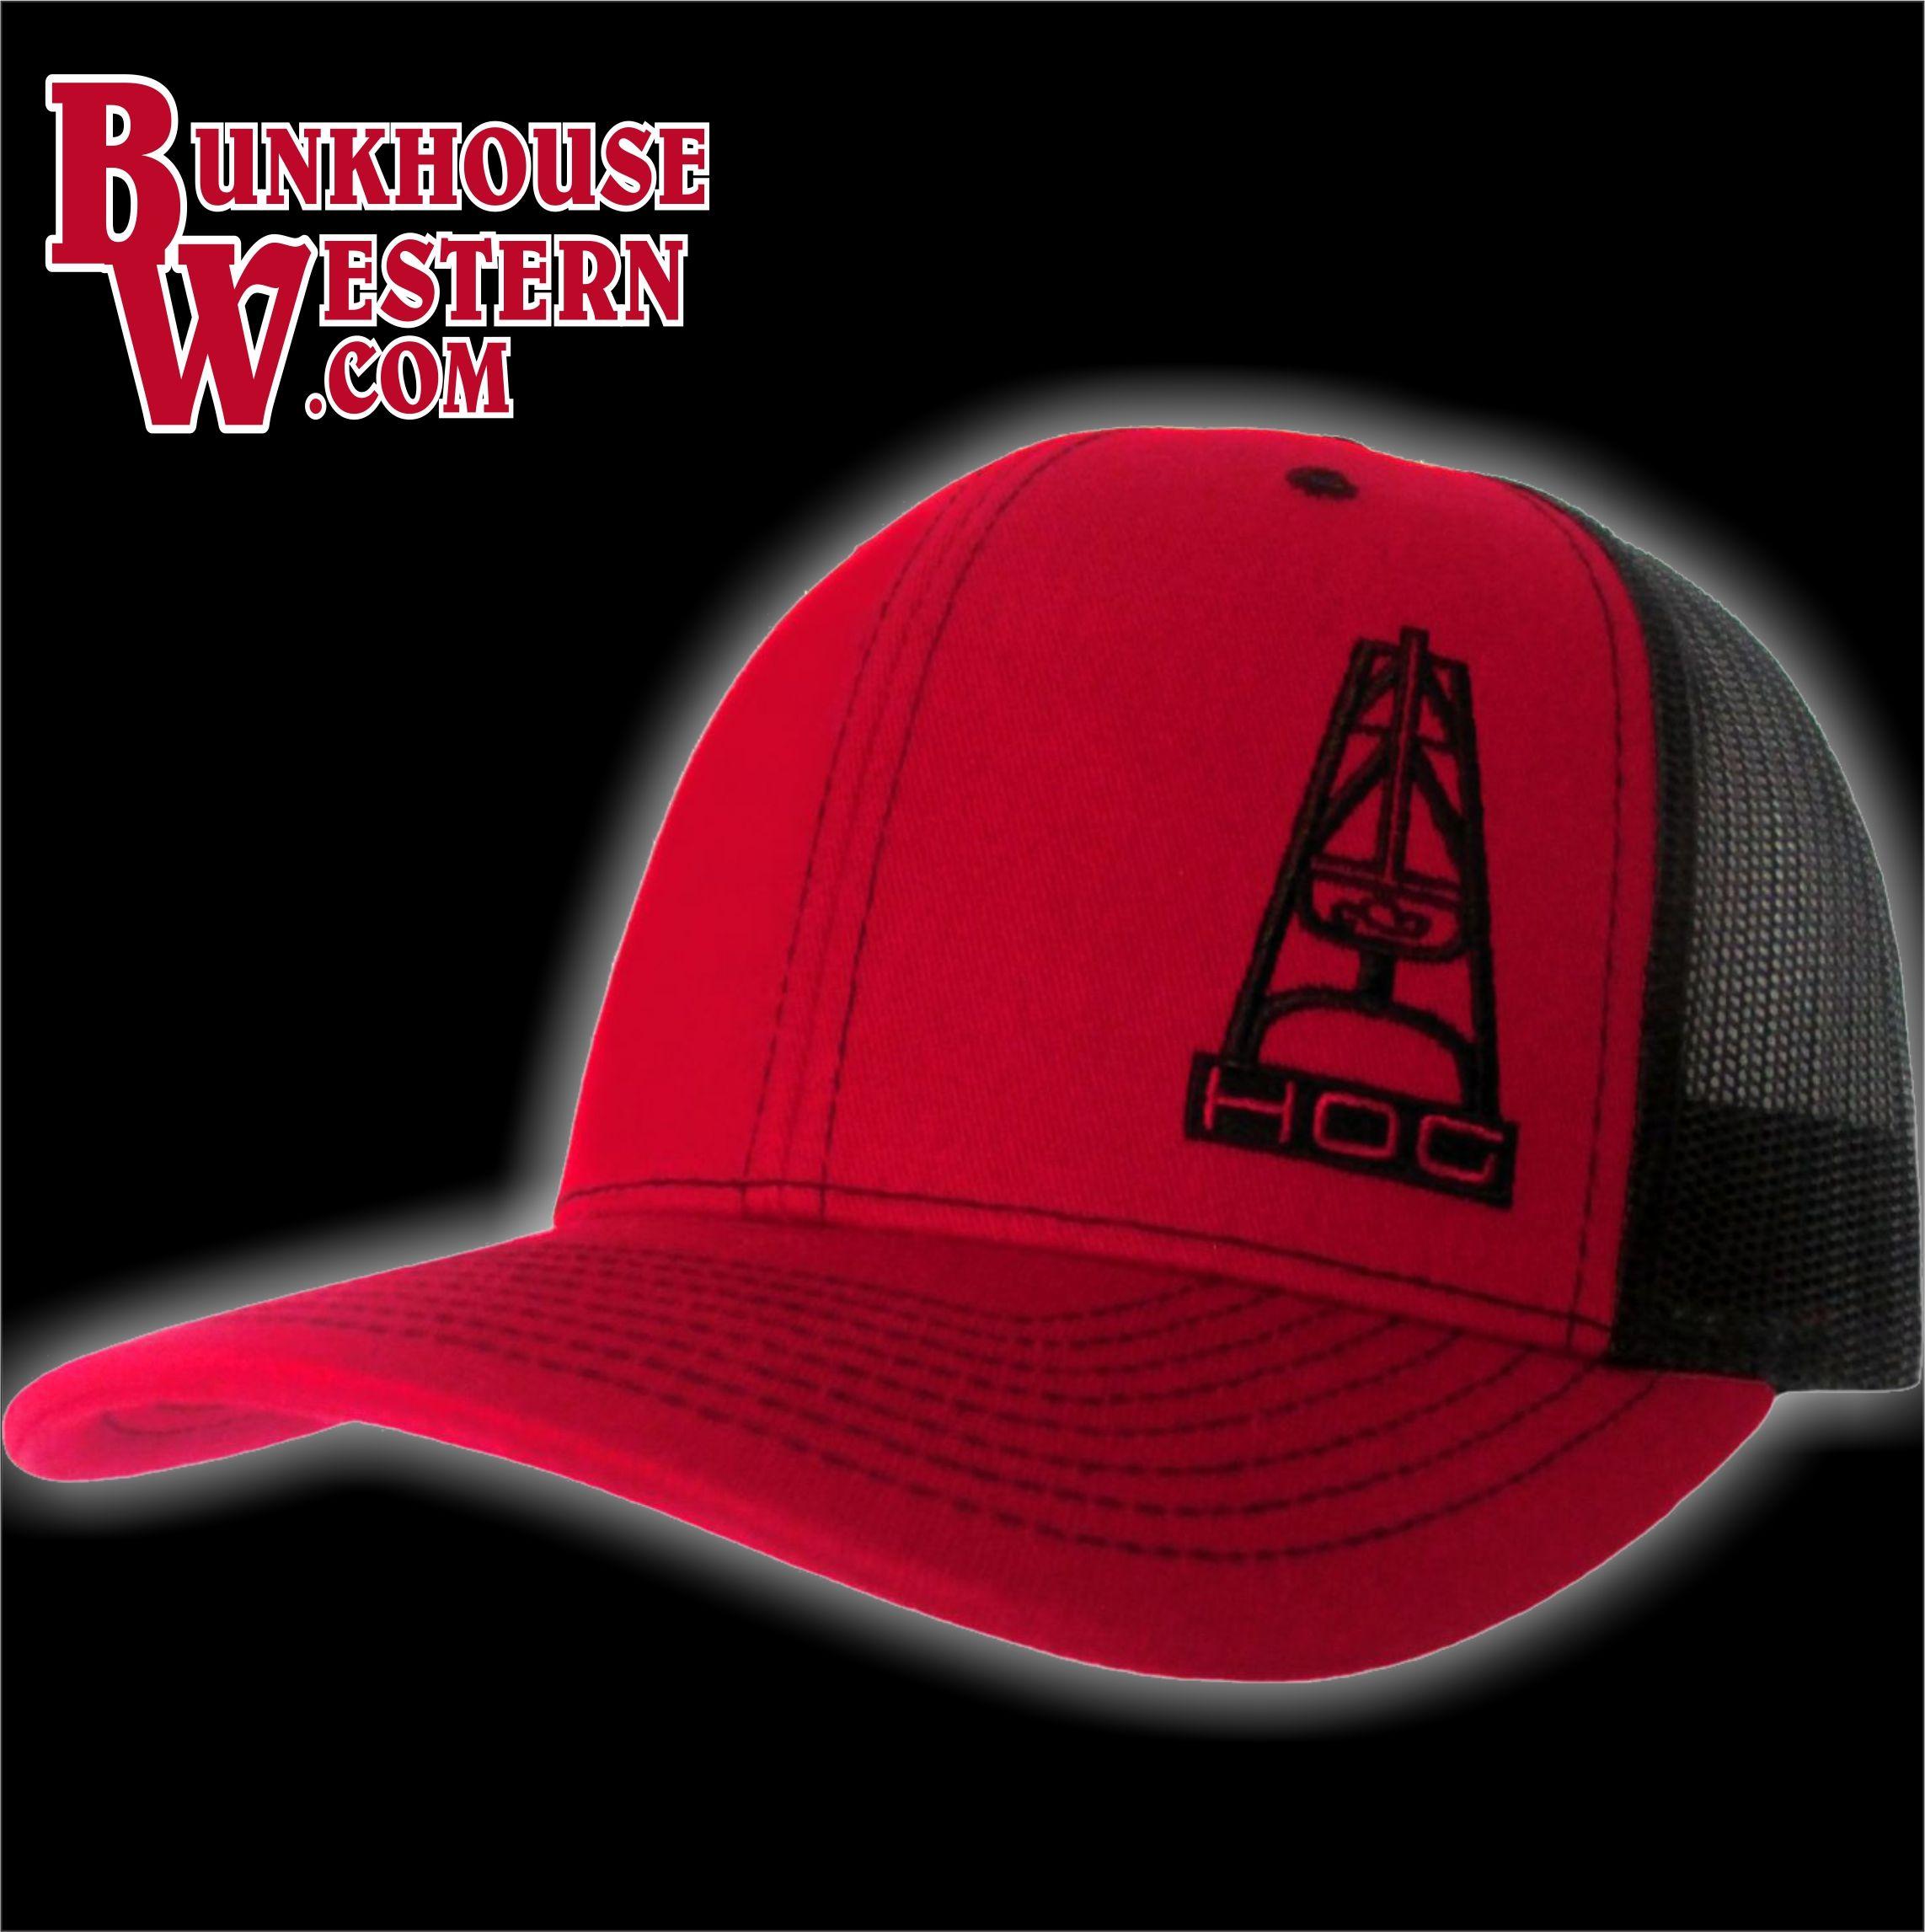 Hooey Oil Gear Hog Red Trucker Hat Oil Field Worker